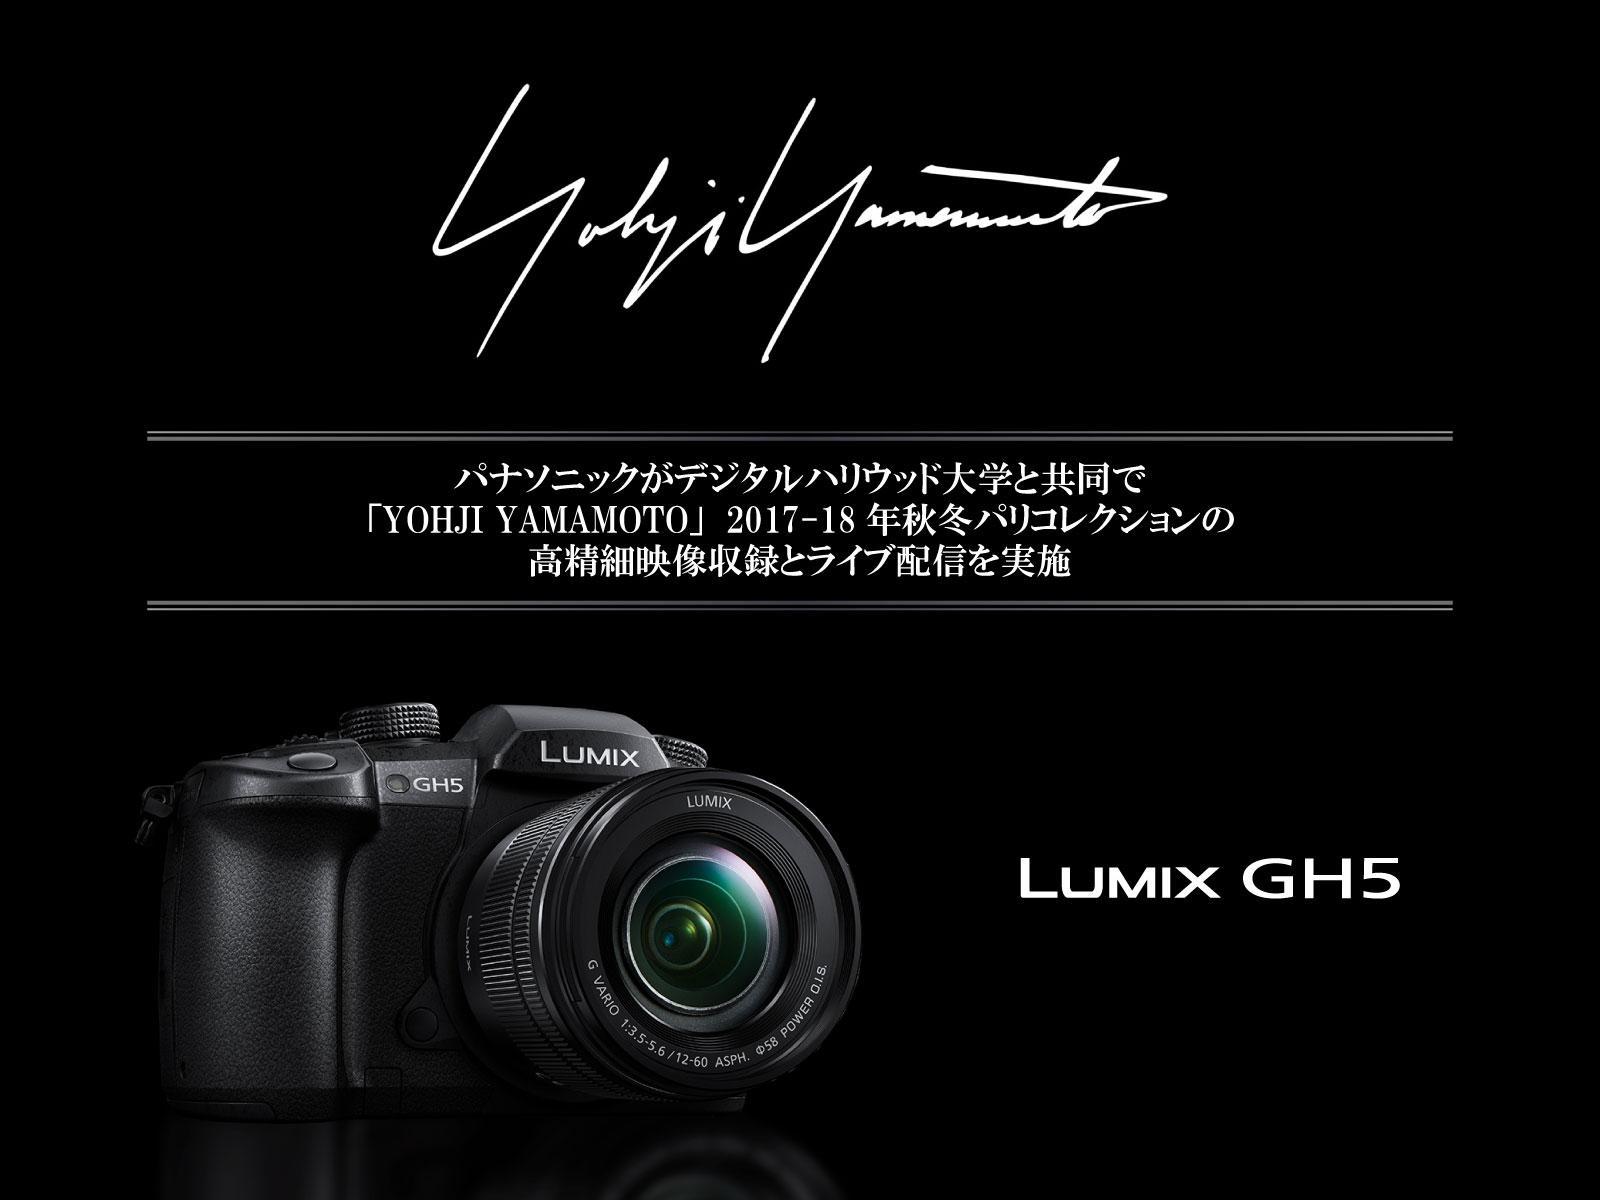 「YOHJI YAMAMOTO」2017-18年秋冬パリコレクションの映像収録とライブ配信を実施